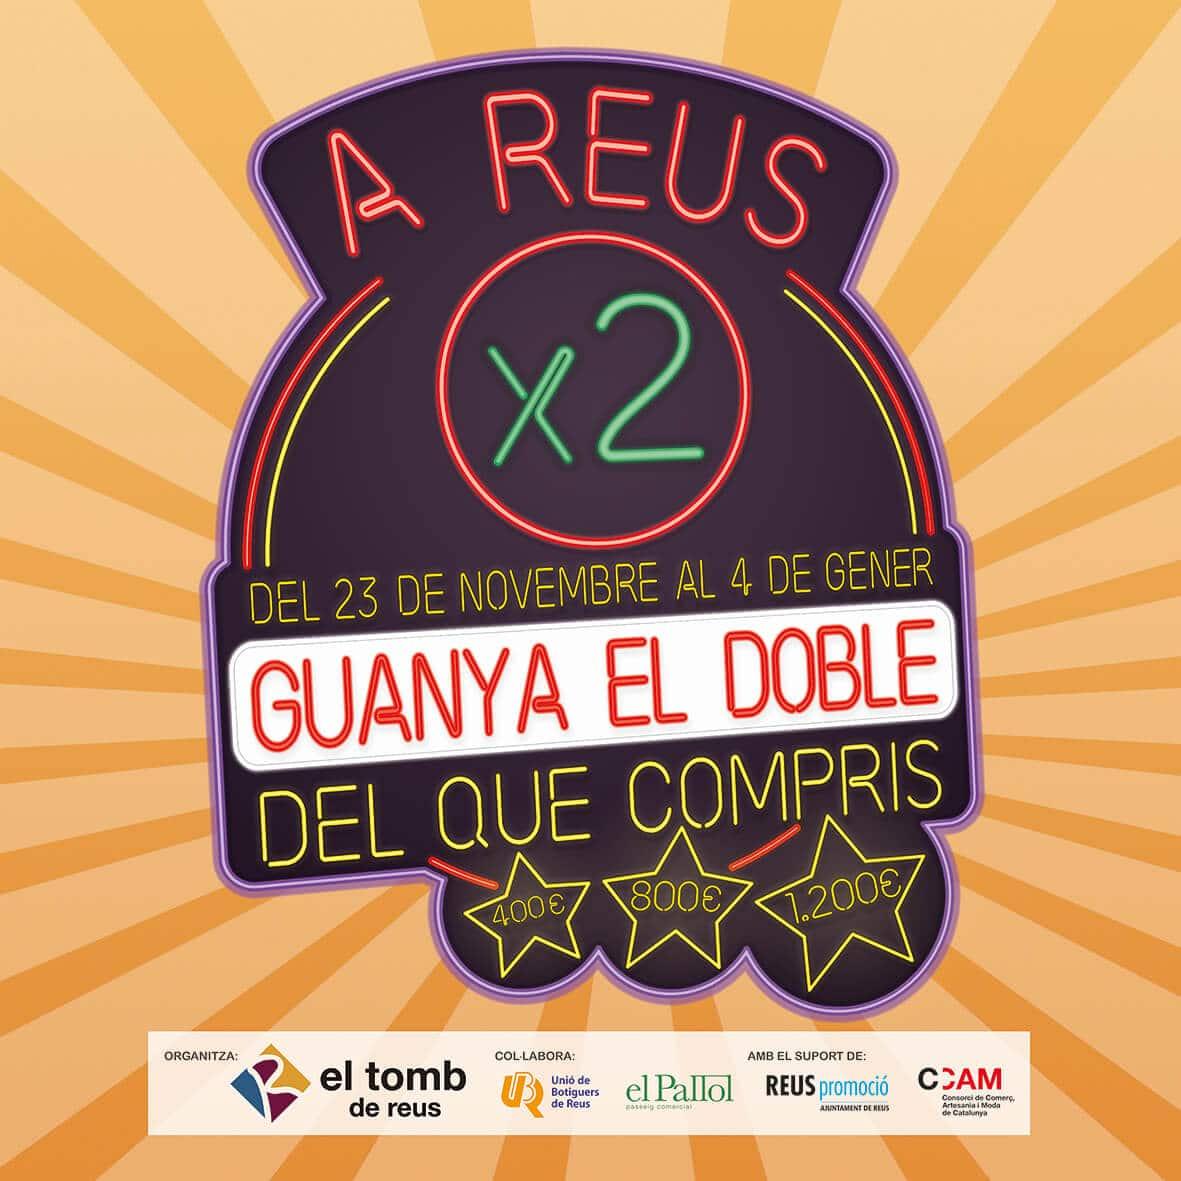 Cartell campanya A REUS X2 GUANYA EL DOBLE DEL QUE COMPRIS